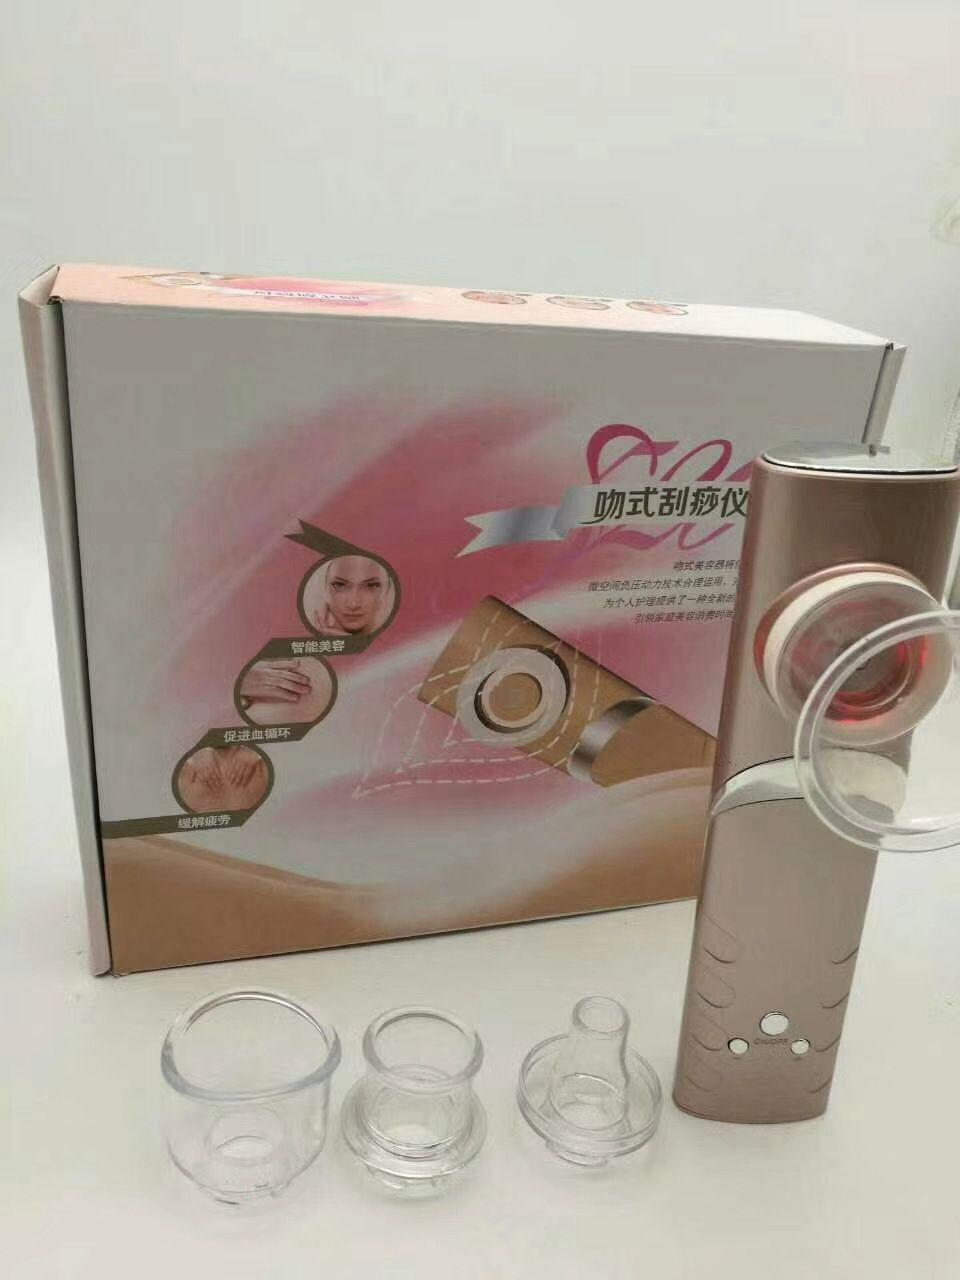 Neueste heiße Griff Vakuum Schröpfen Abnehmen Cellulite Loss Drainage Schönheit Haut Lifting-Gerät 4 Tipps Köpfe verfügbar für den Heimgebrauch